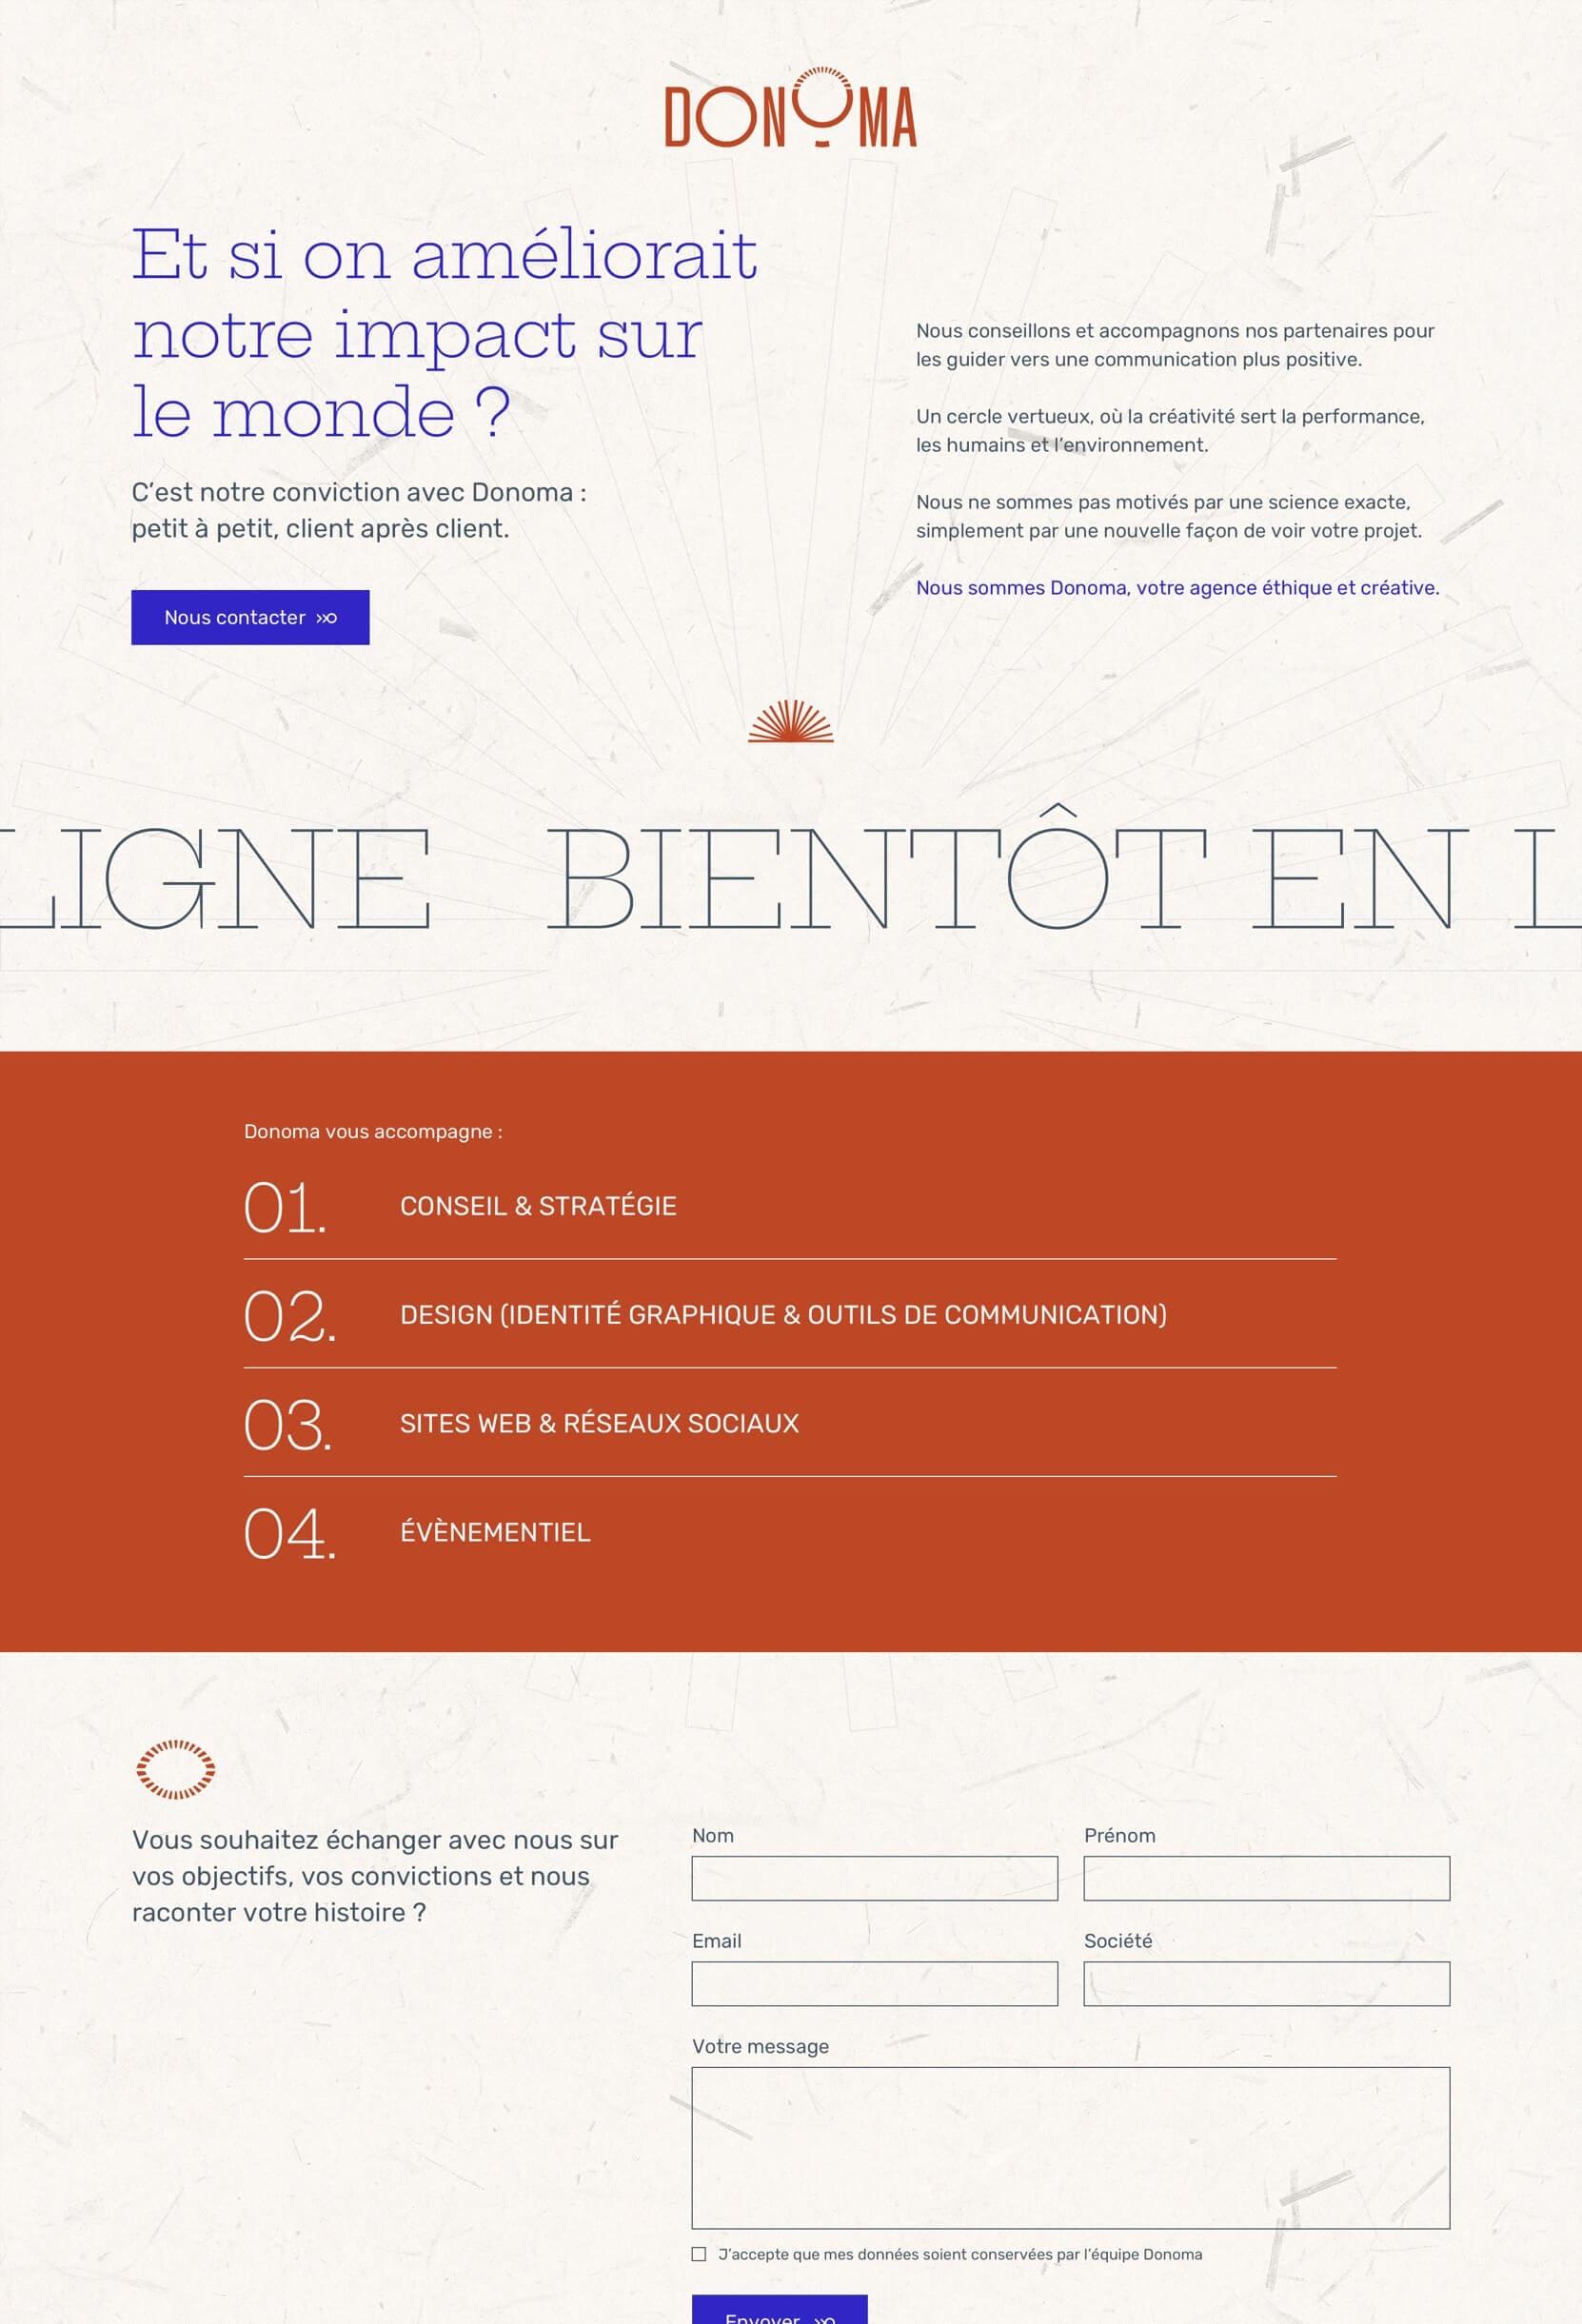 Site web de l'agence Donoma à Bordeaux